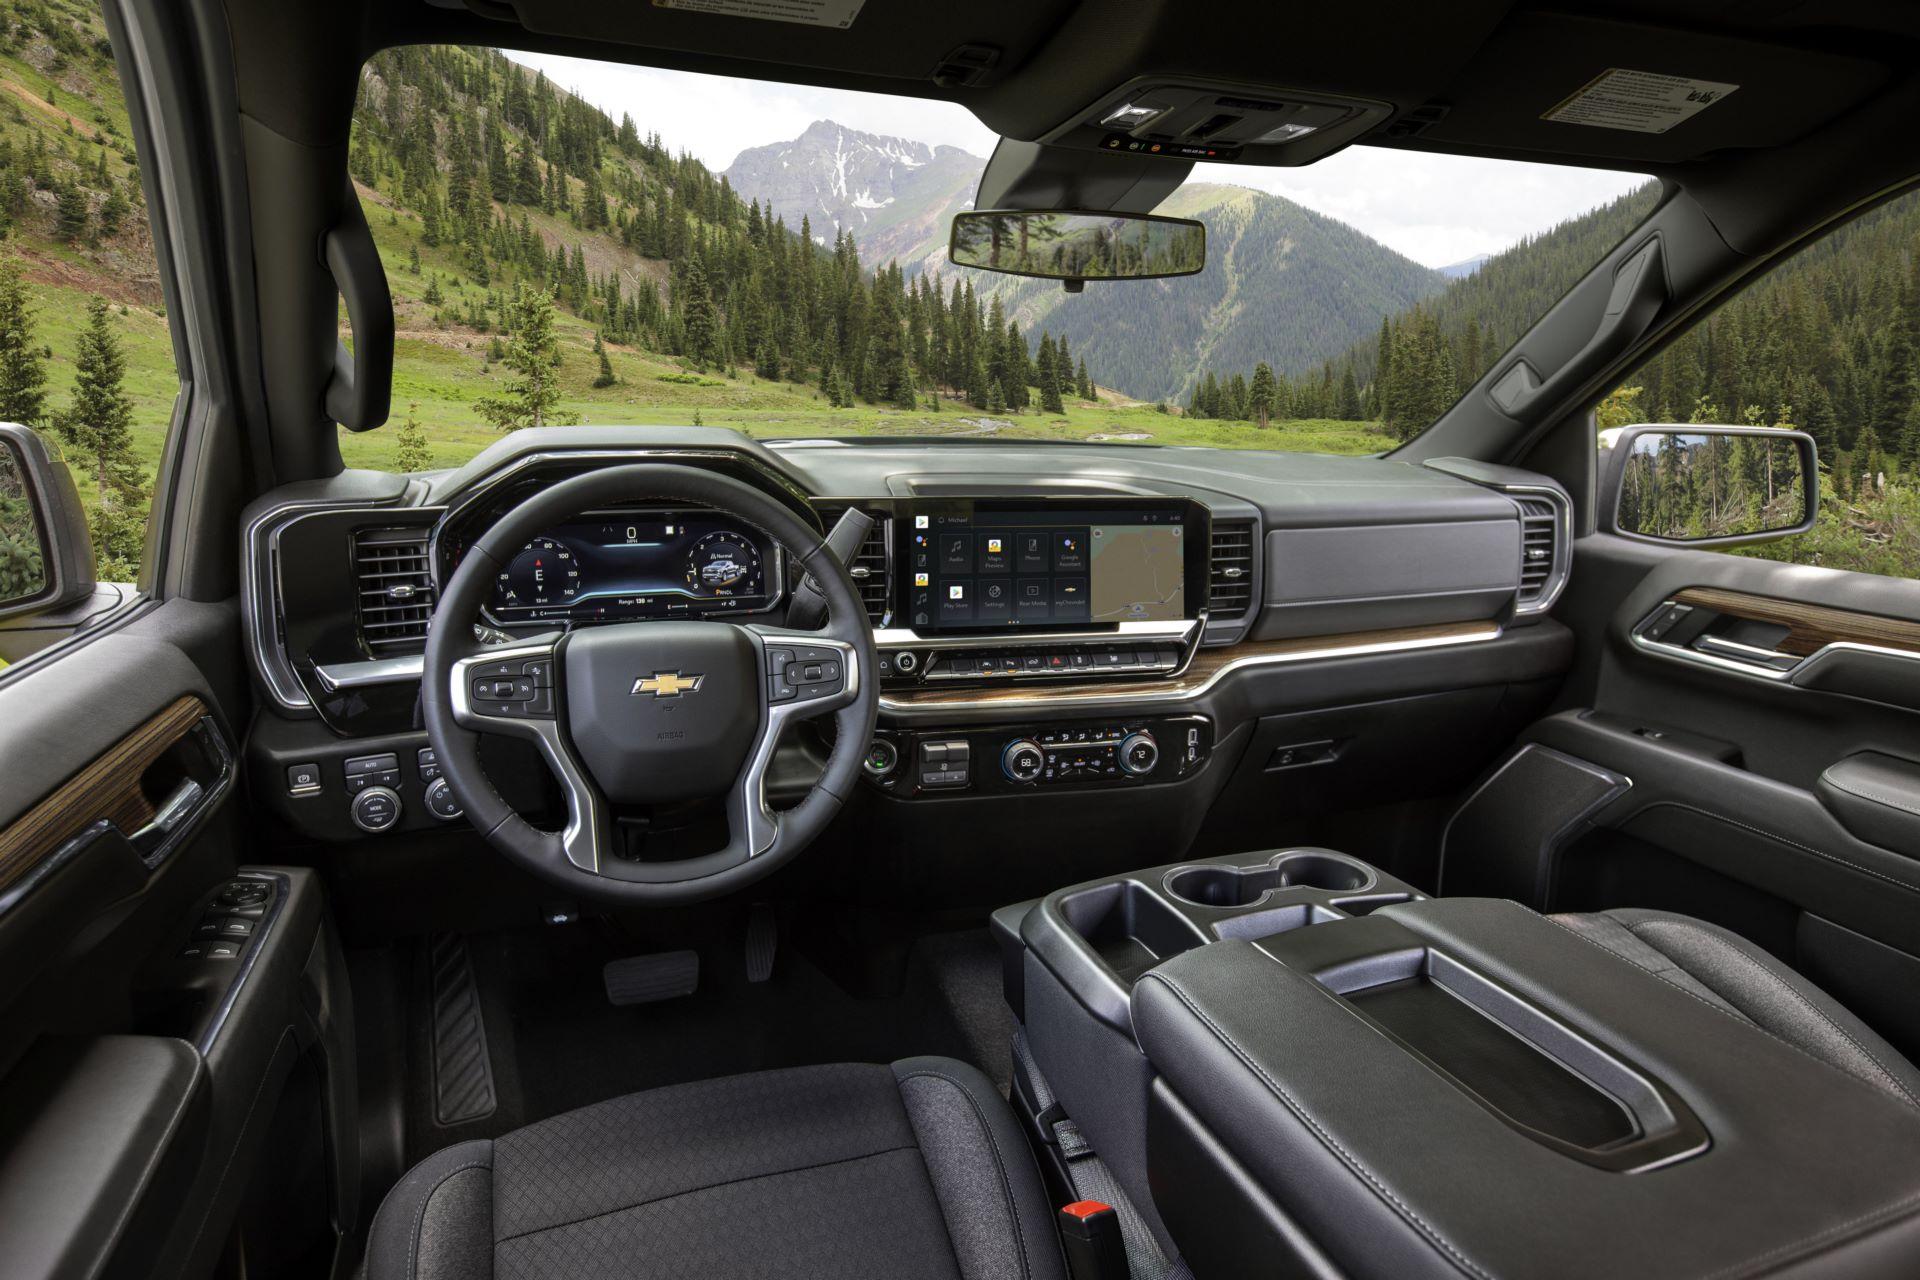 2022-Chevrolet-Silverado-LT-022